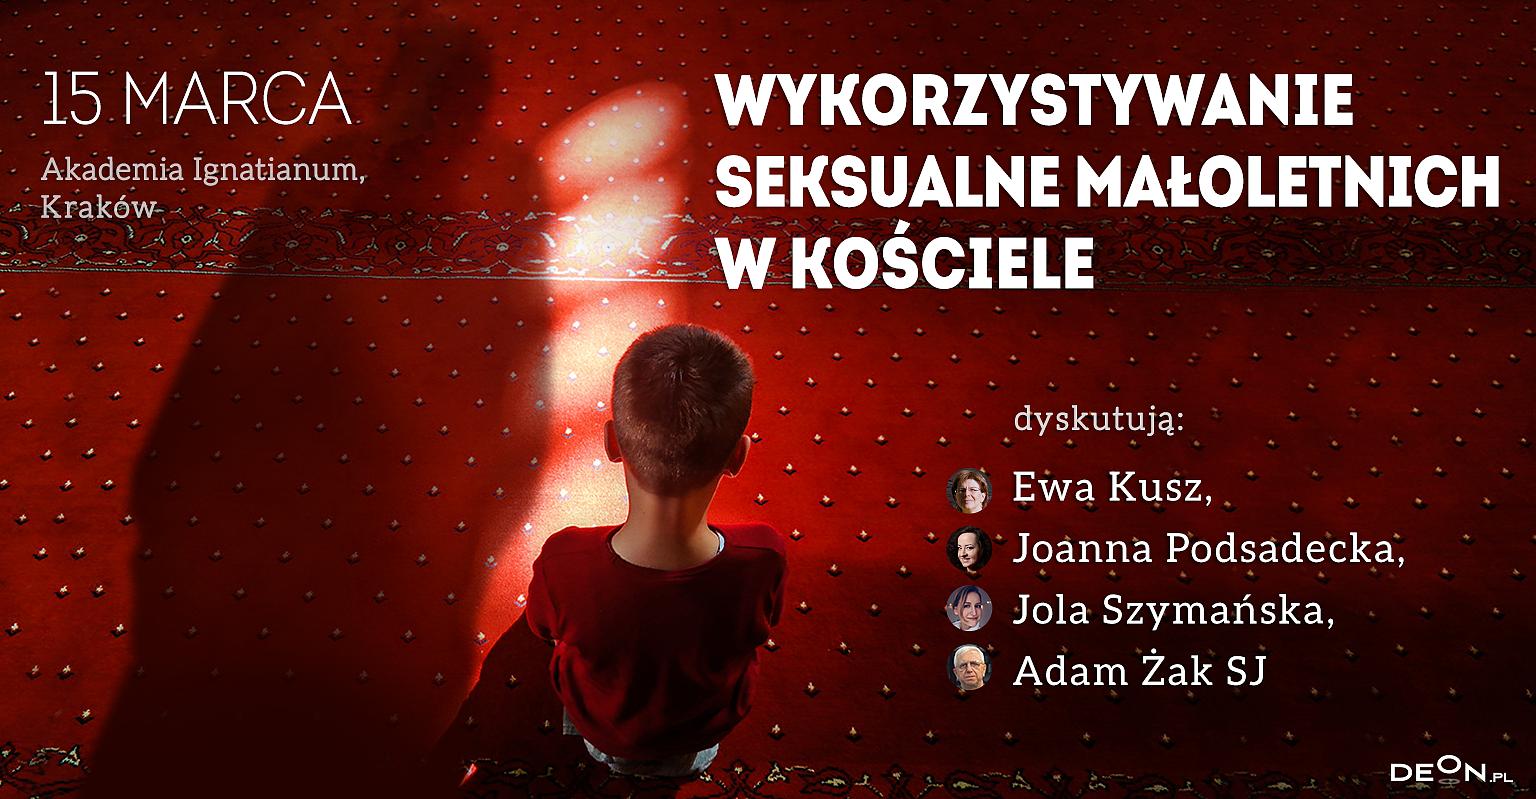 W czwartek biskupi przedstawią dane na temat pedofilii w Kościele w Polsce - zdjęcie w treści artykułu